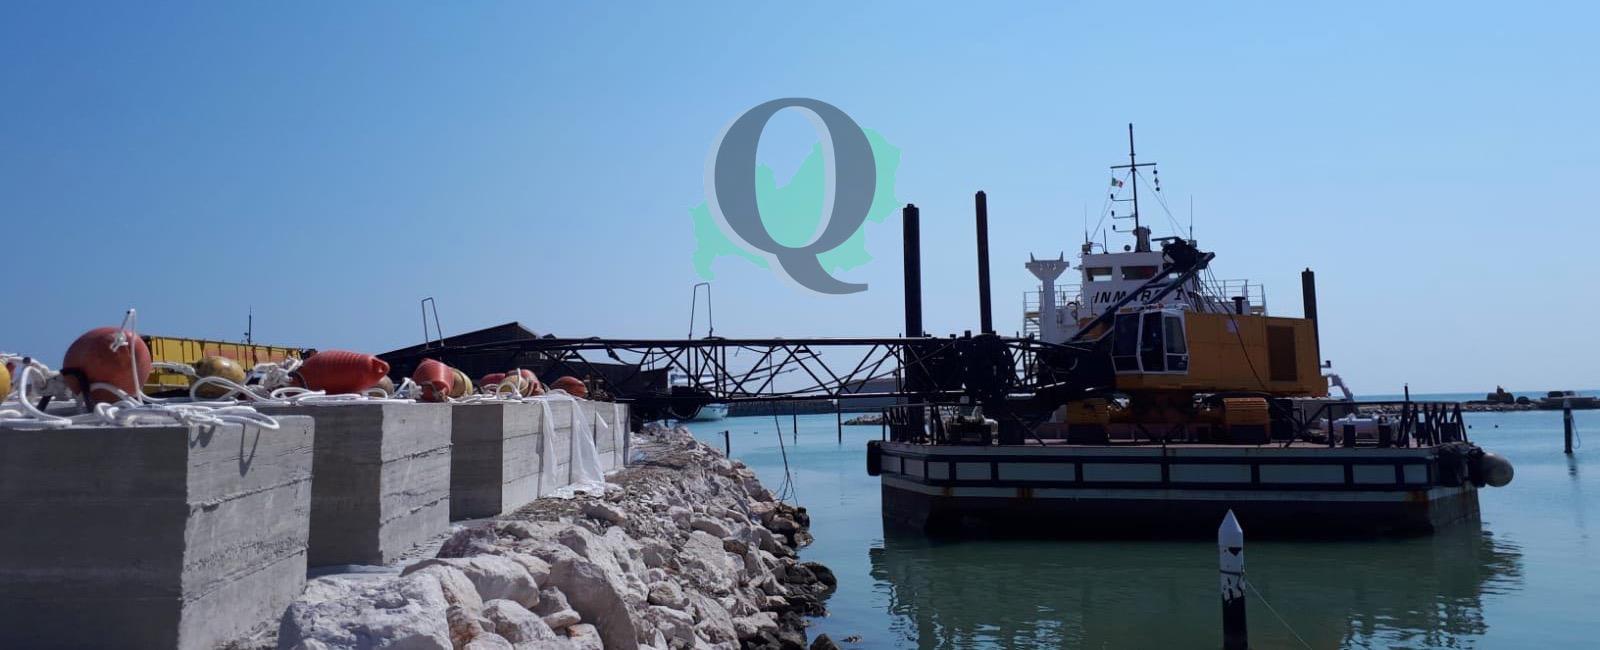 Crolla gru al porto, solo tanto spavento e nessun ferito (FOTO)